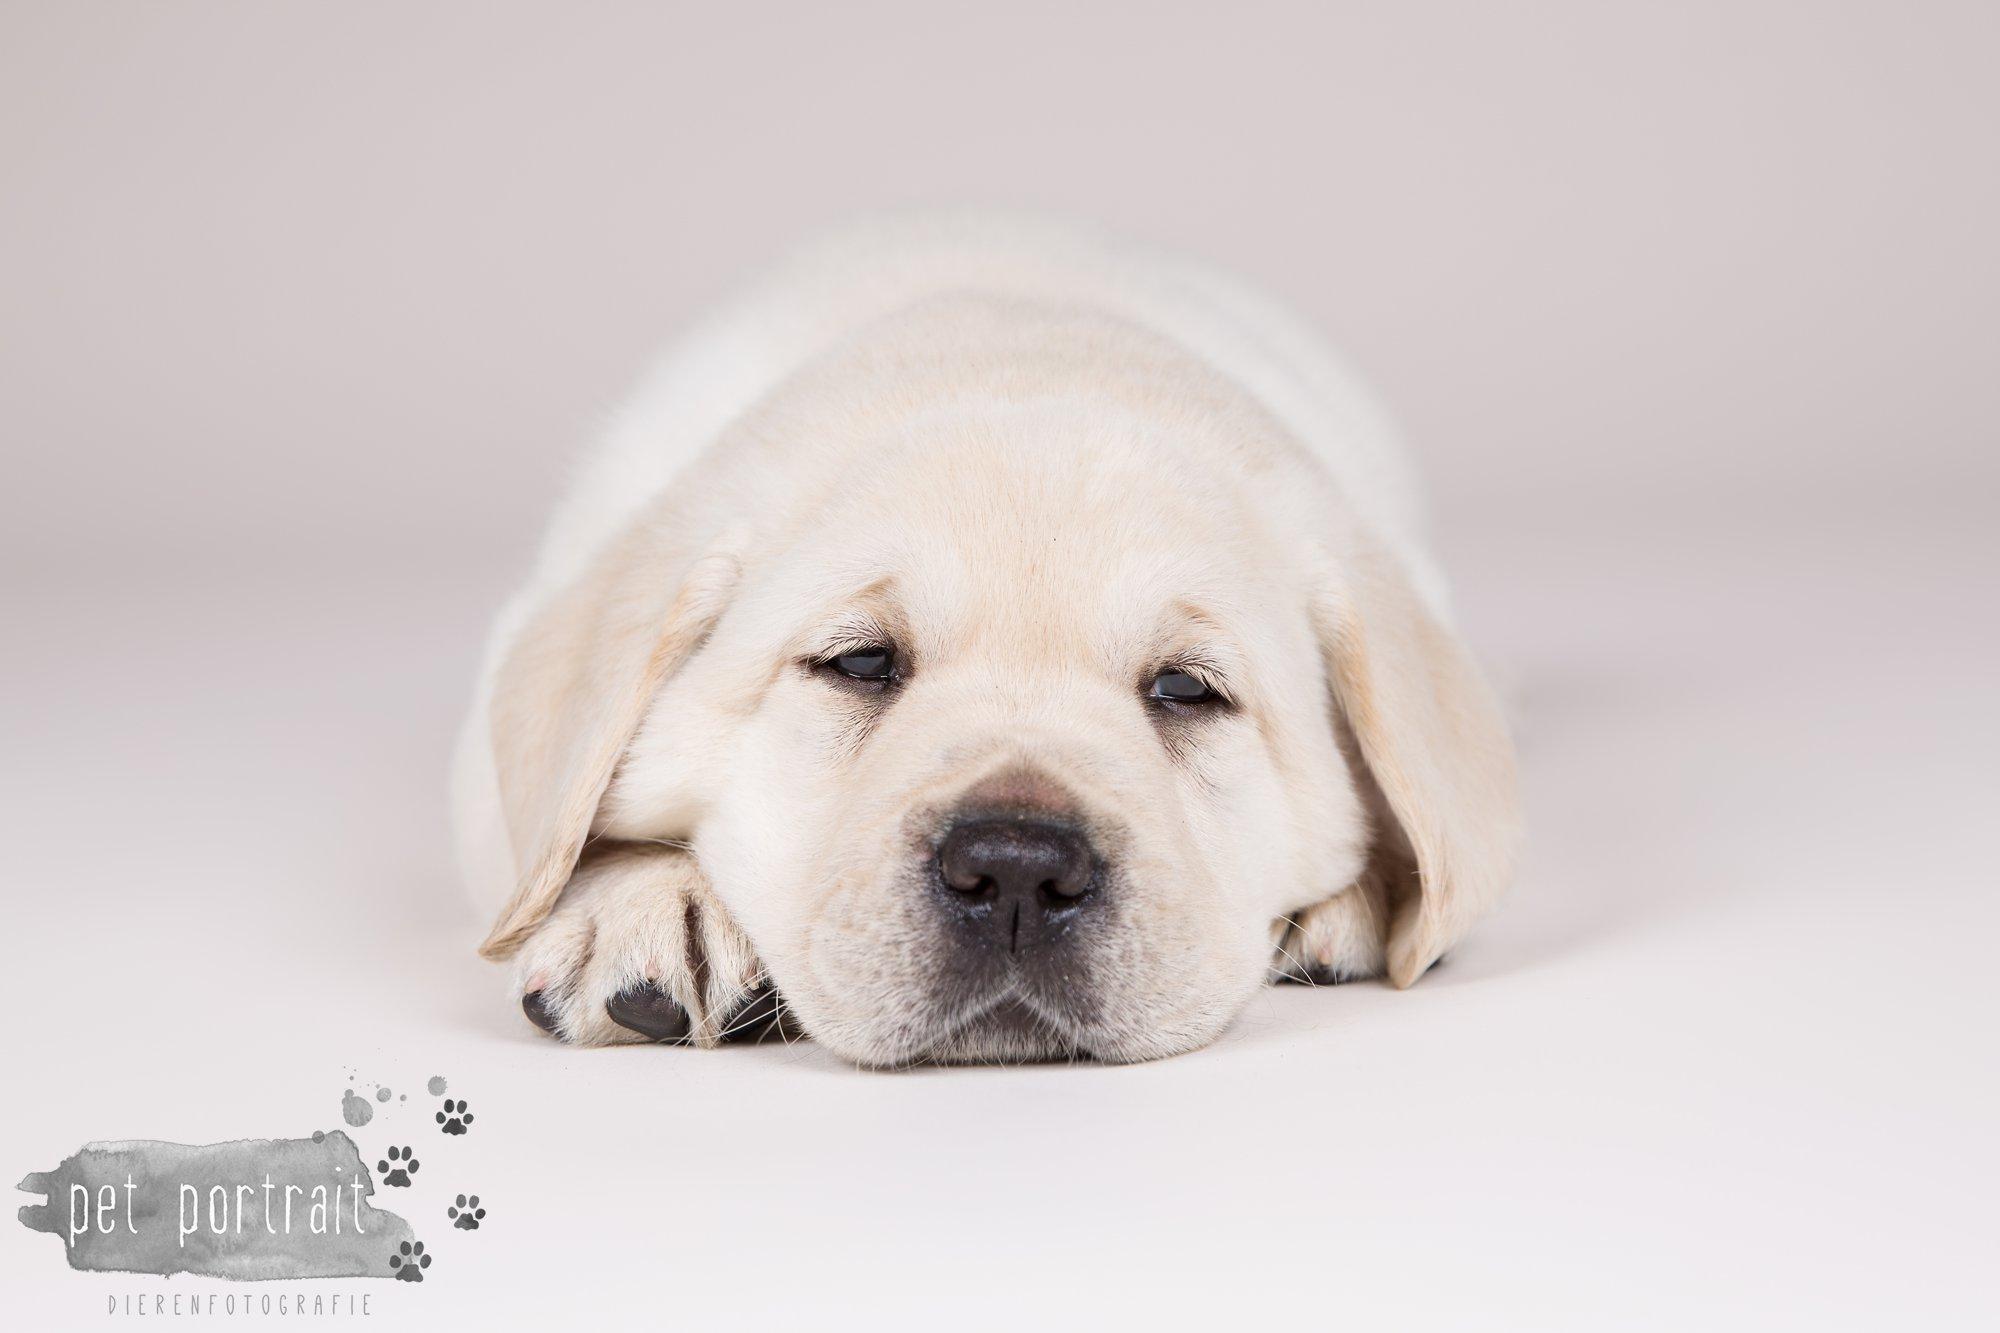 Hondenfotograaf Hillegom - Nestfotoshoot voor Labrador pups-7